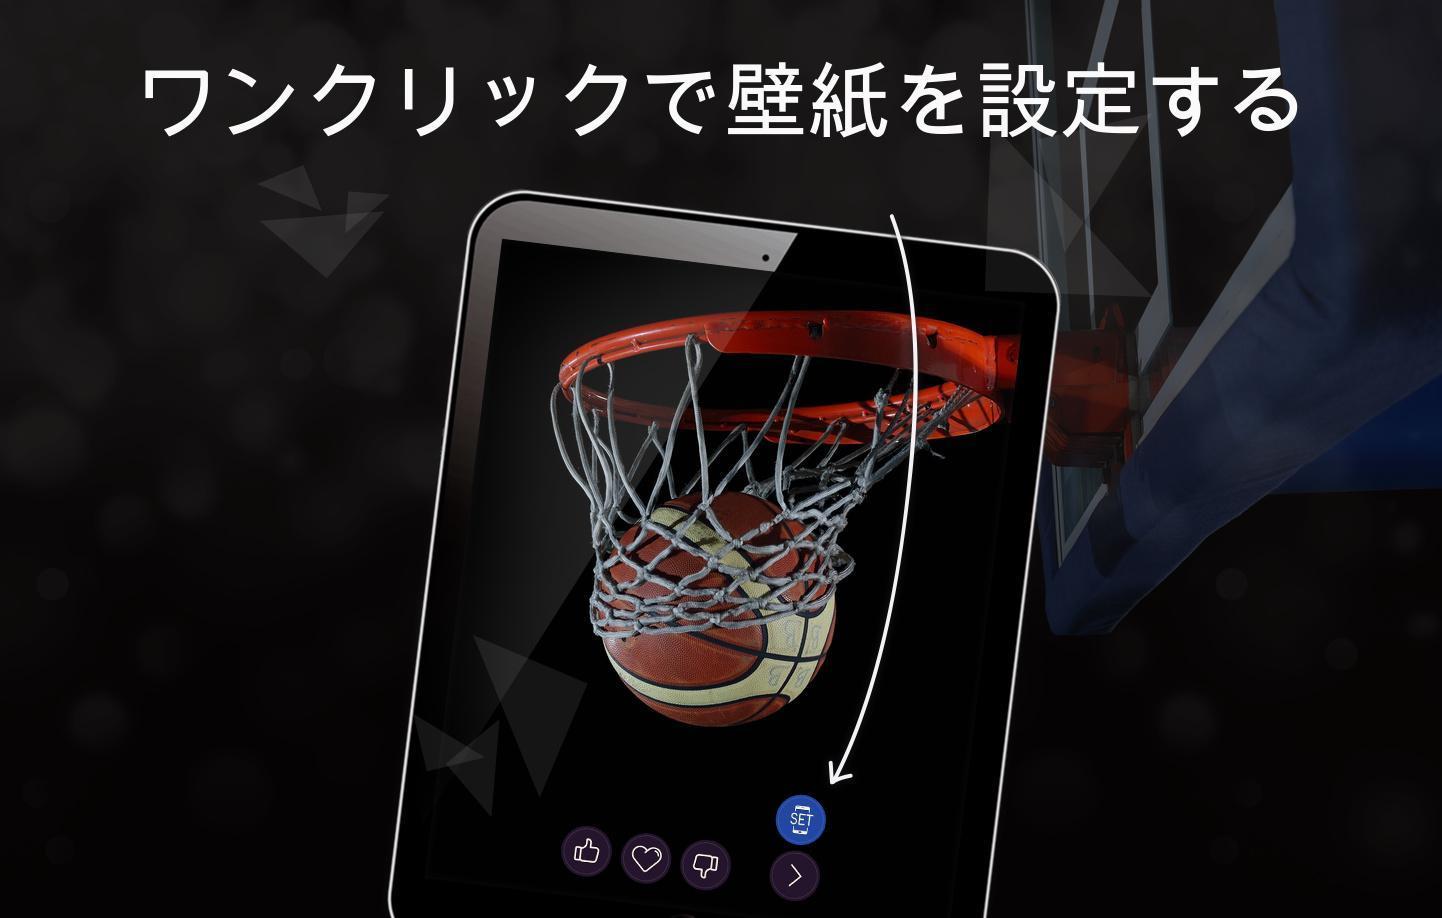 Android 用の バスケットボールの壁紙4k Apk をダウンロード